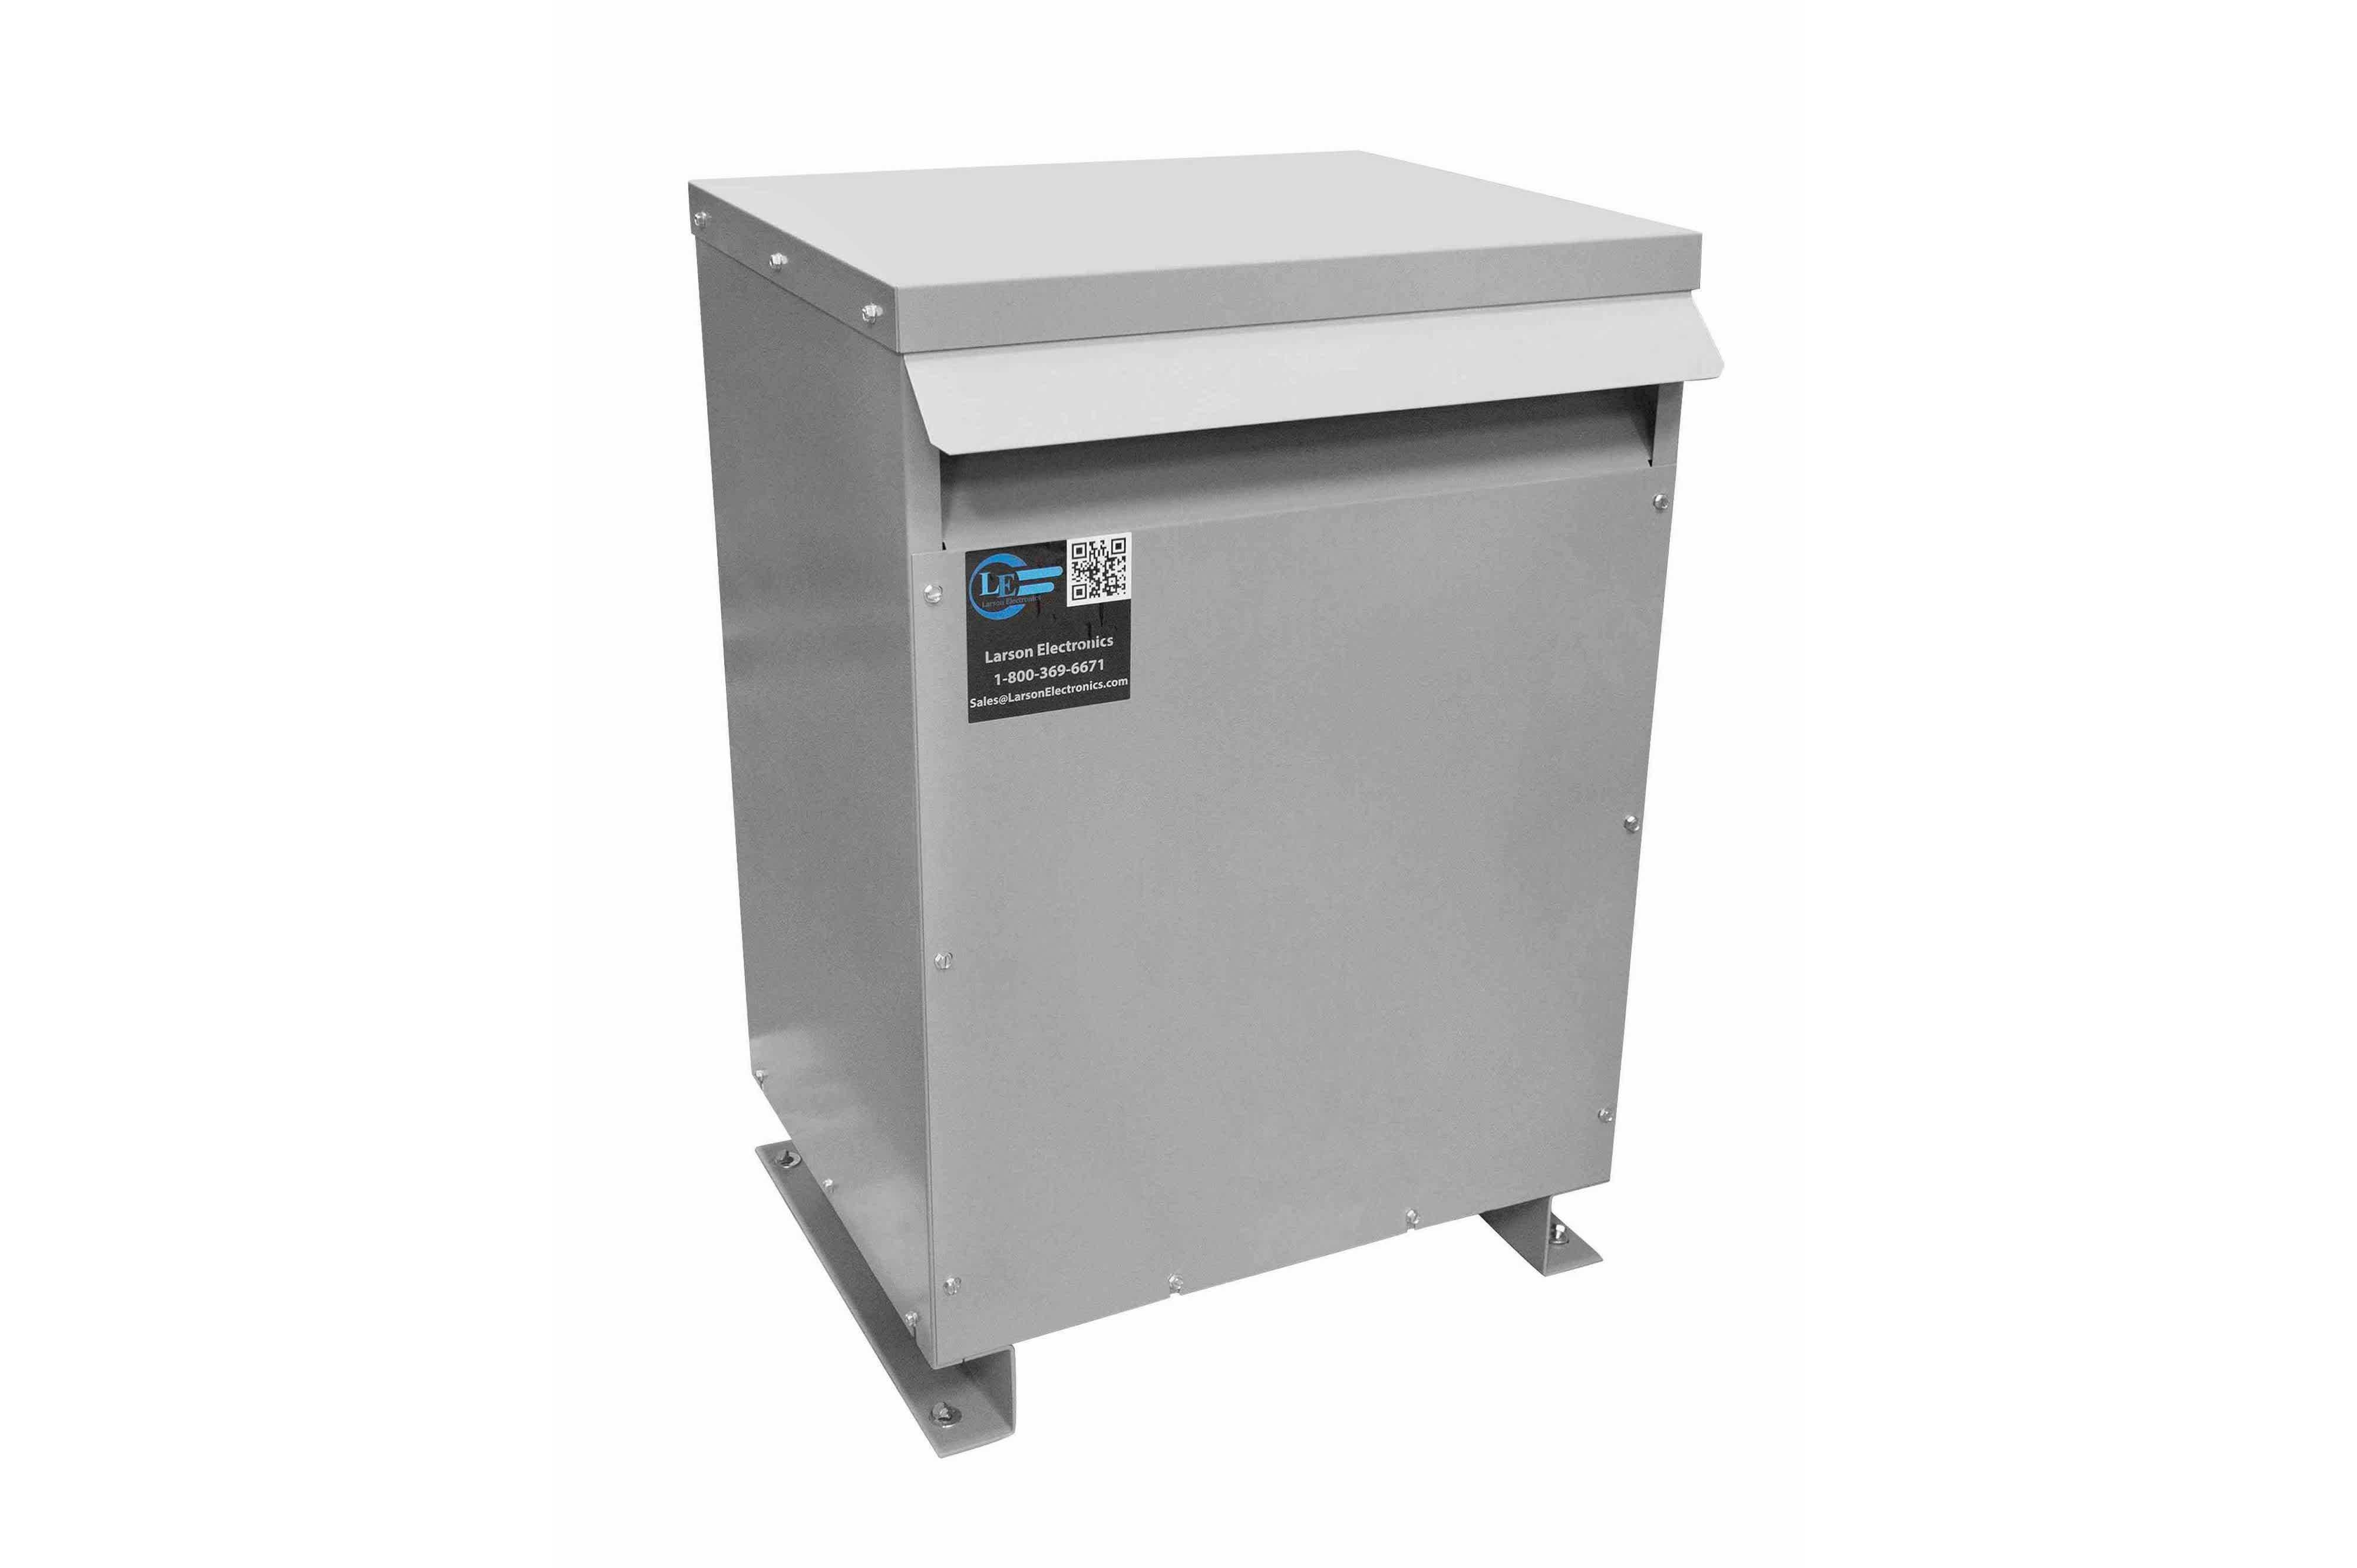 13 kVA 3PH Isolation Transformer, 575V Delta Primary, 208V Delta Secondary, N3R, Ventilated, 60 Hz